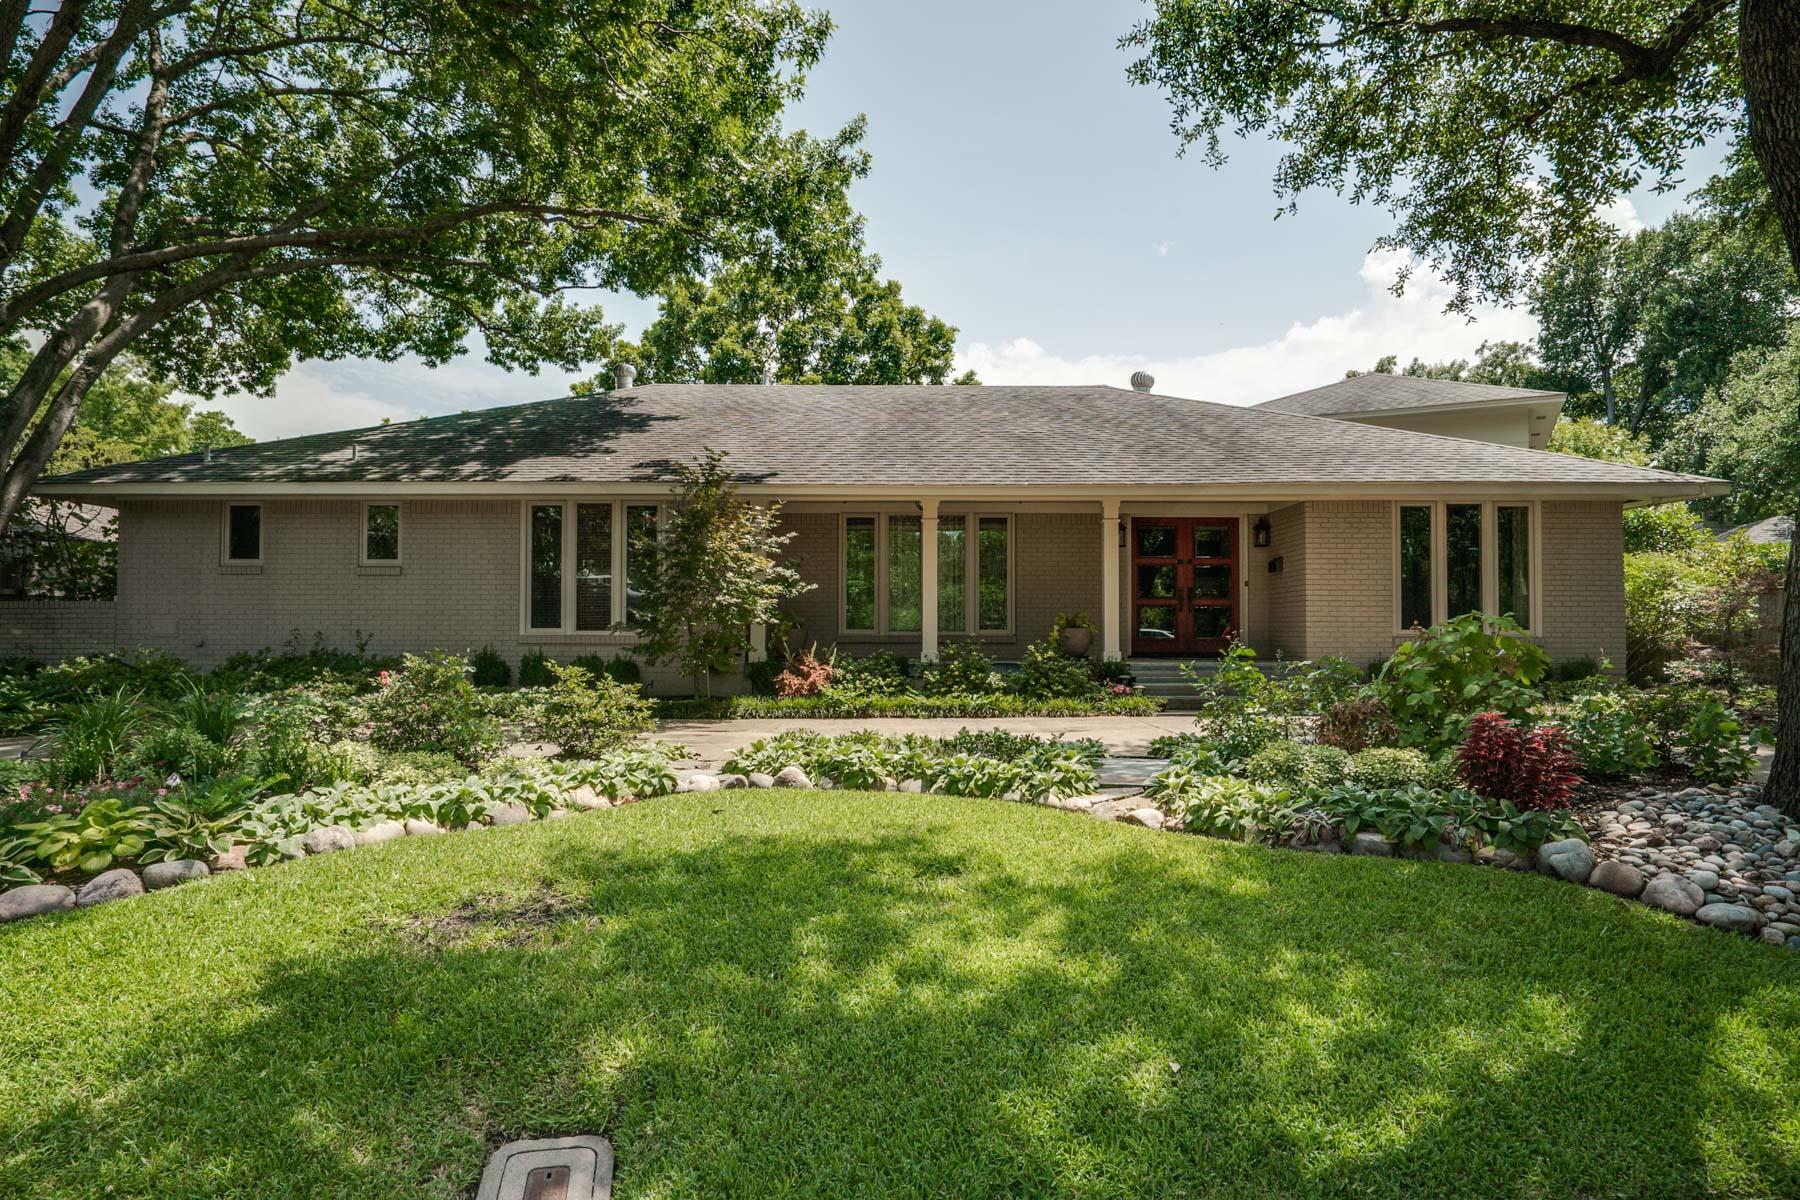 Villa per Vendita alle ore 5714 Surrey Square Lane, Dallas 5714 Surrey Square Ln Dallas, Texas, 75209 Stati Uniti